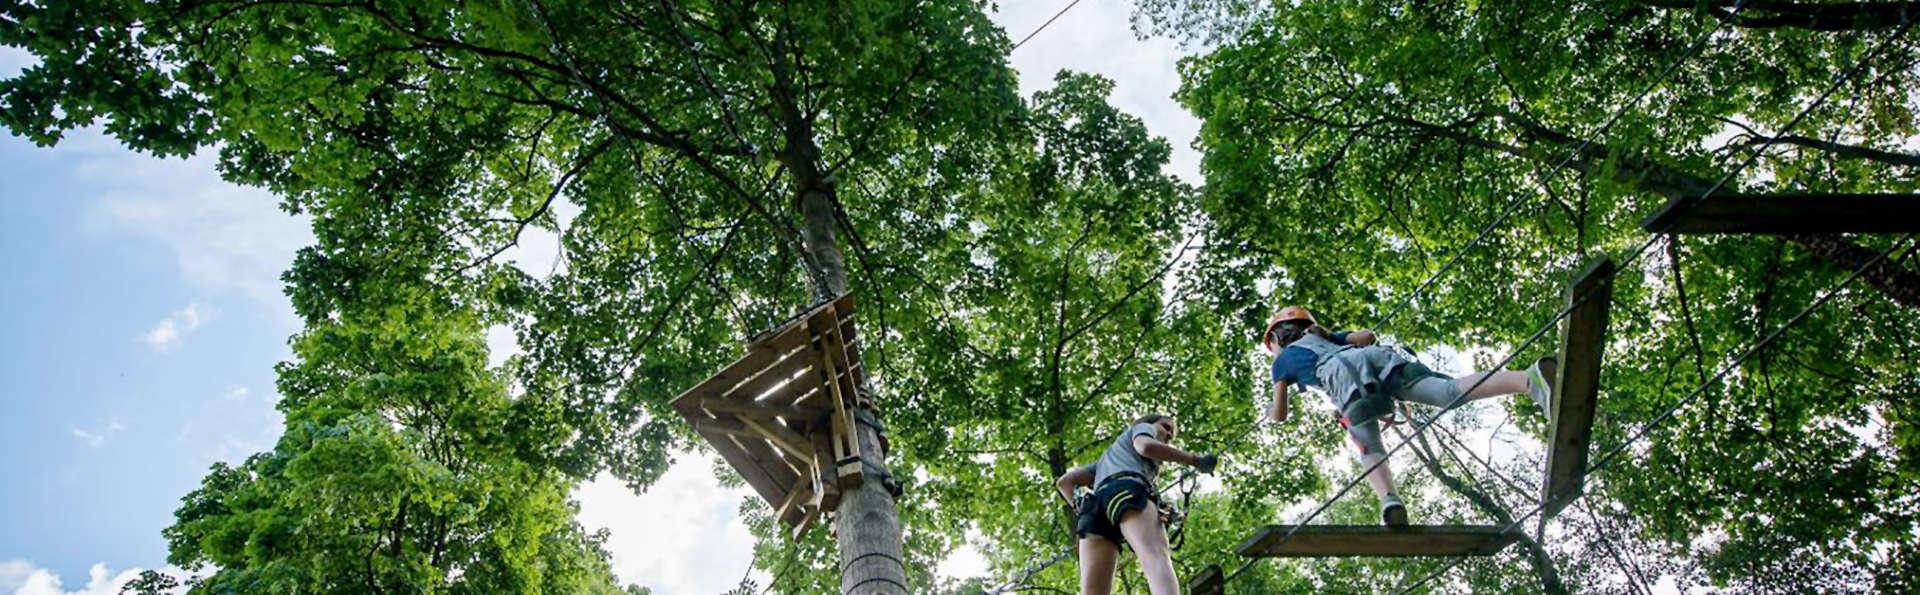 Demeure De Campagne Parc Du Coudray - EDIT_NEW_Activity.jpg